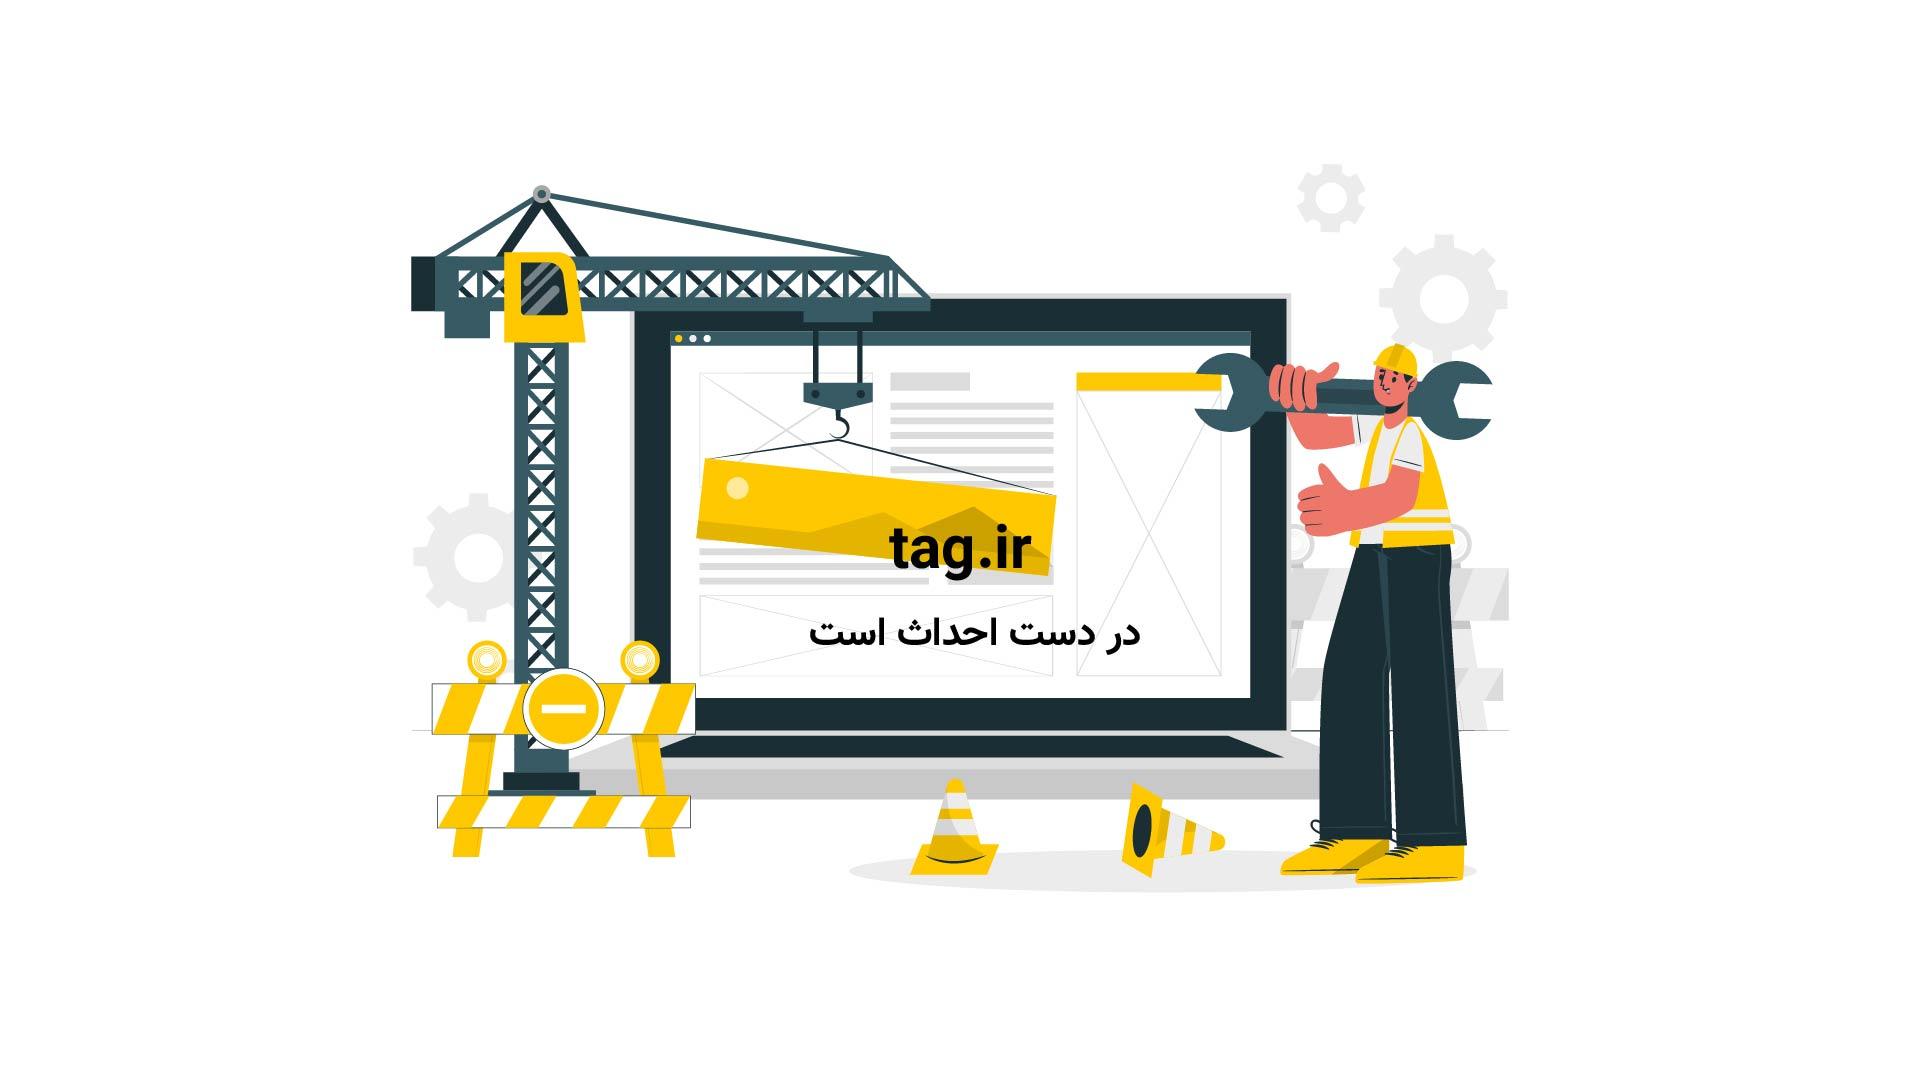 مروری بر مسابقات تاریخی فوتبال در المپیک 1924 پاریس | فیلم